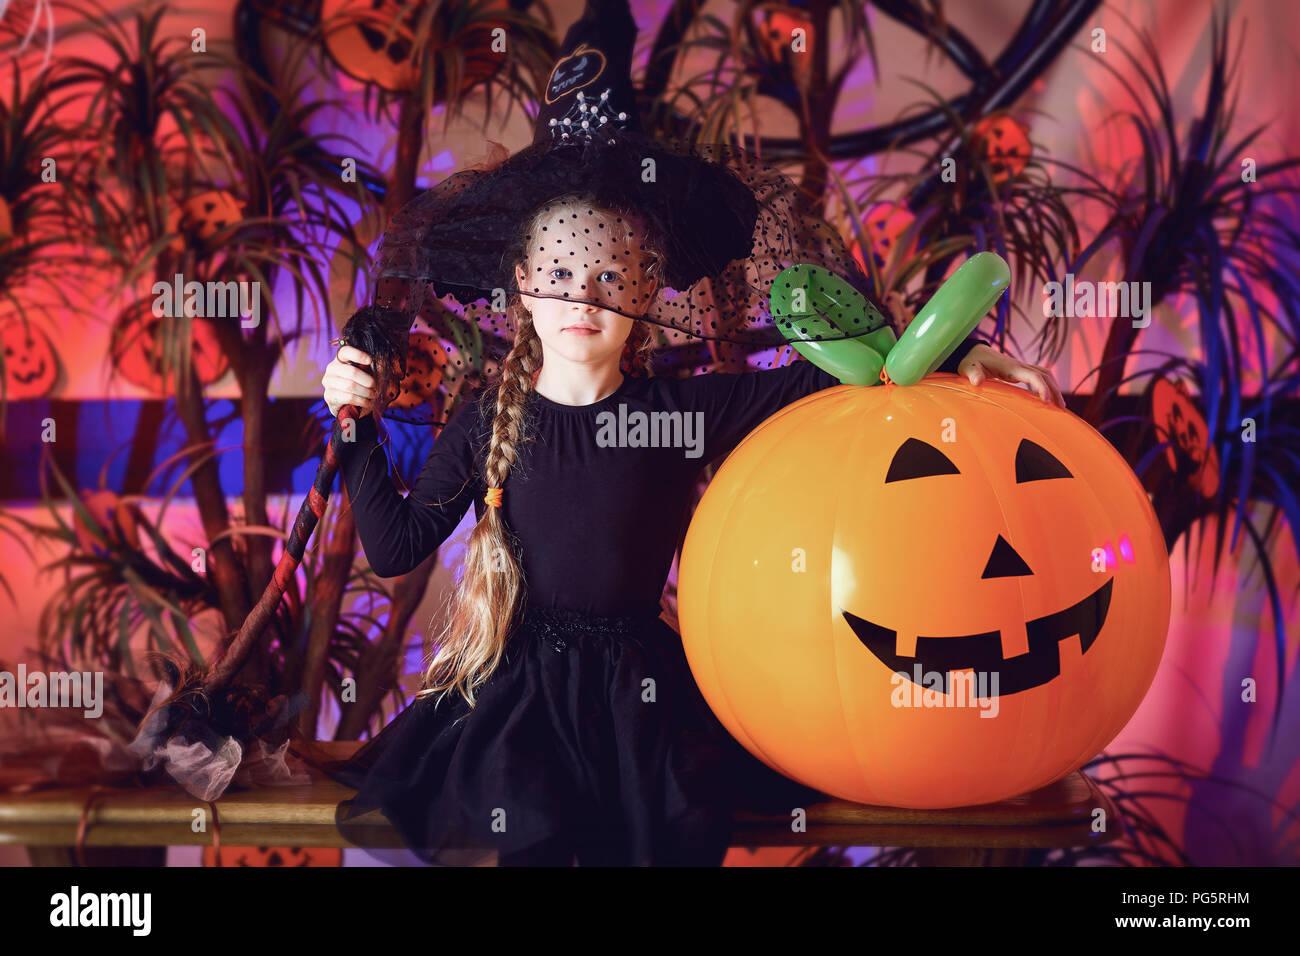 Lustige kleine Mädchen in einem Halloween Kostüm Stockbild